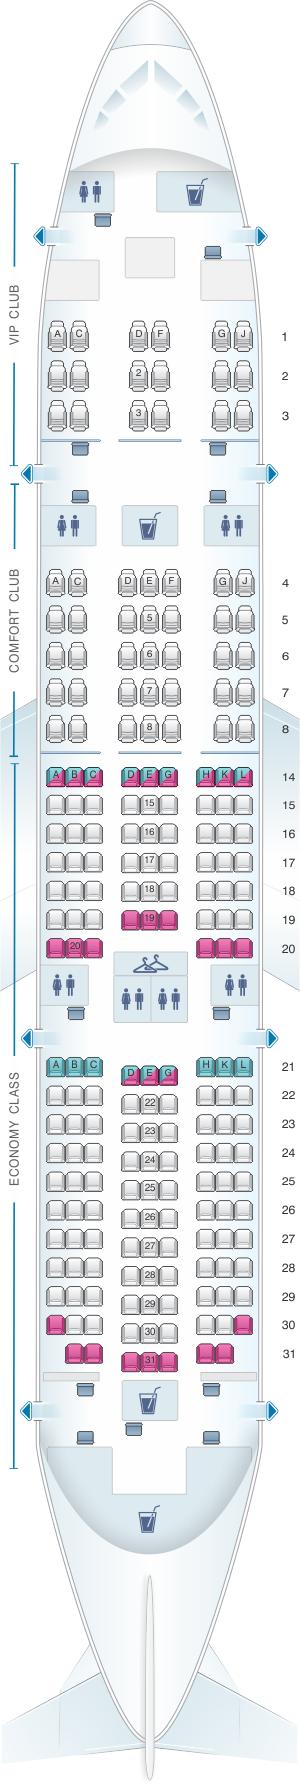 Seat map for Azal Azerbaijan Airlines Boeing B787 8 Dreamliner